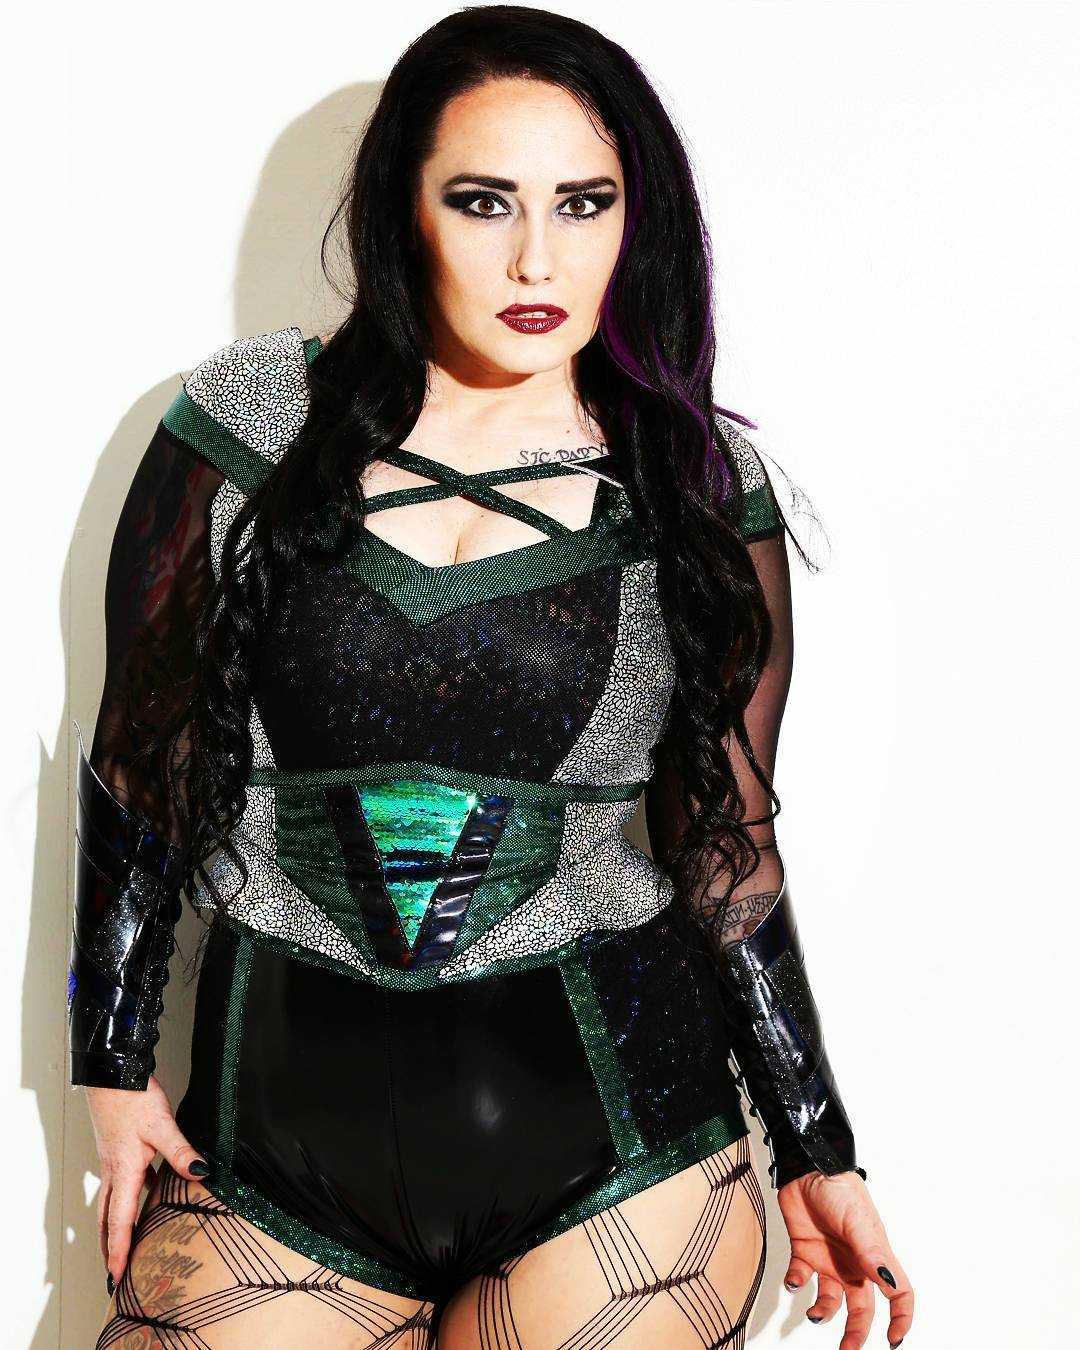 Jessicka Havok hot look